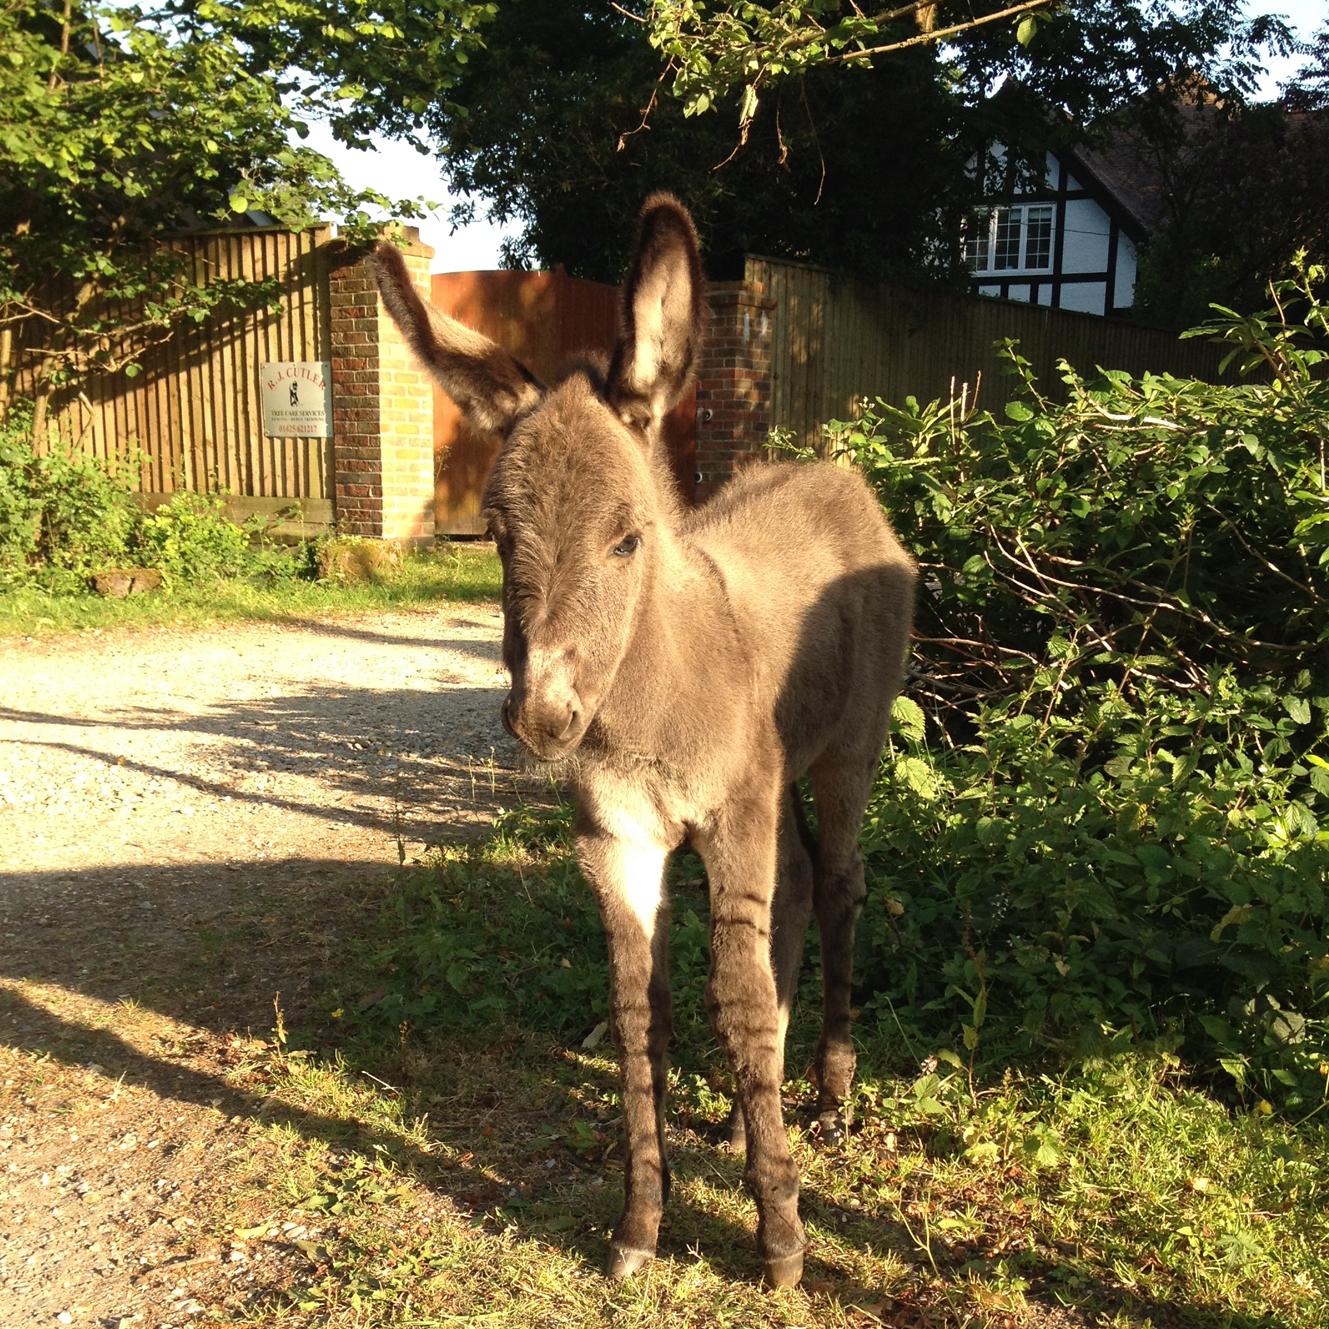 Brockenhurst baby donkey